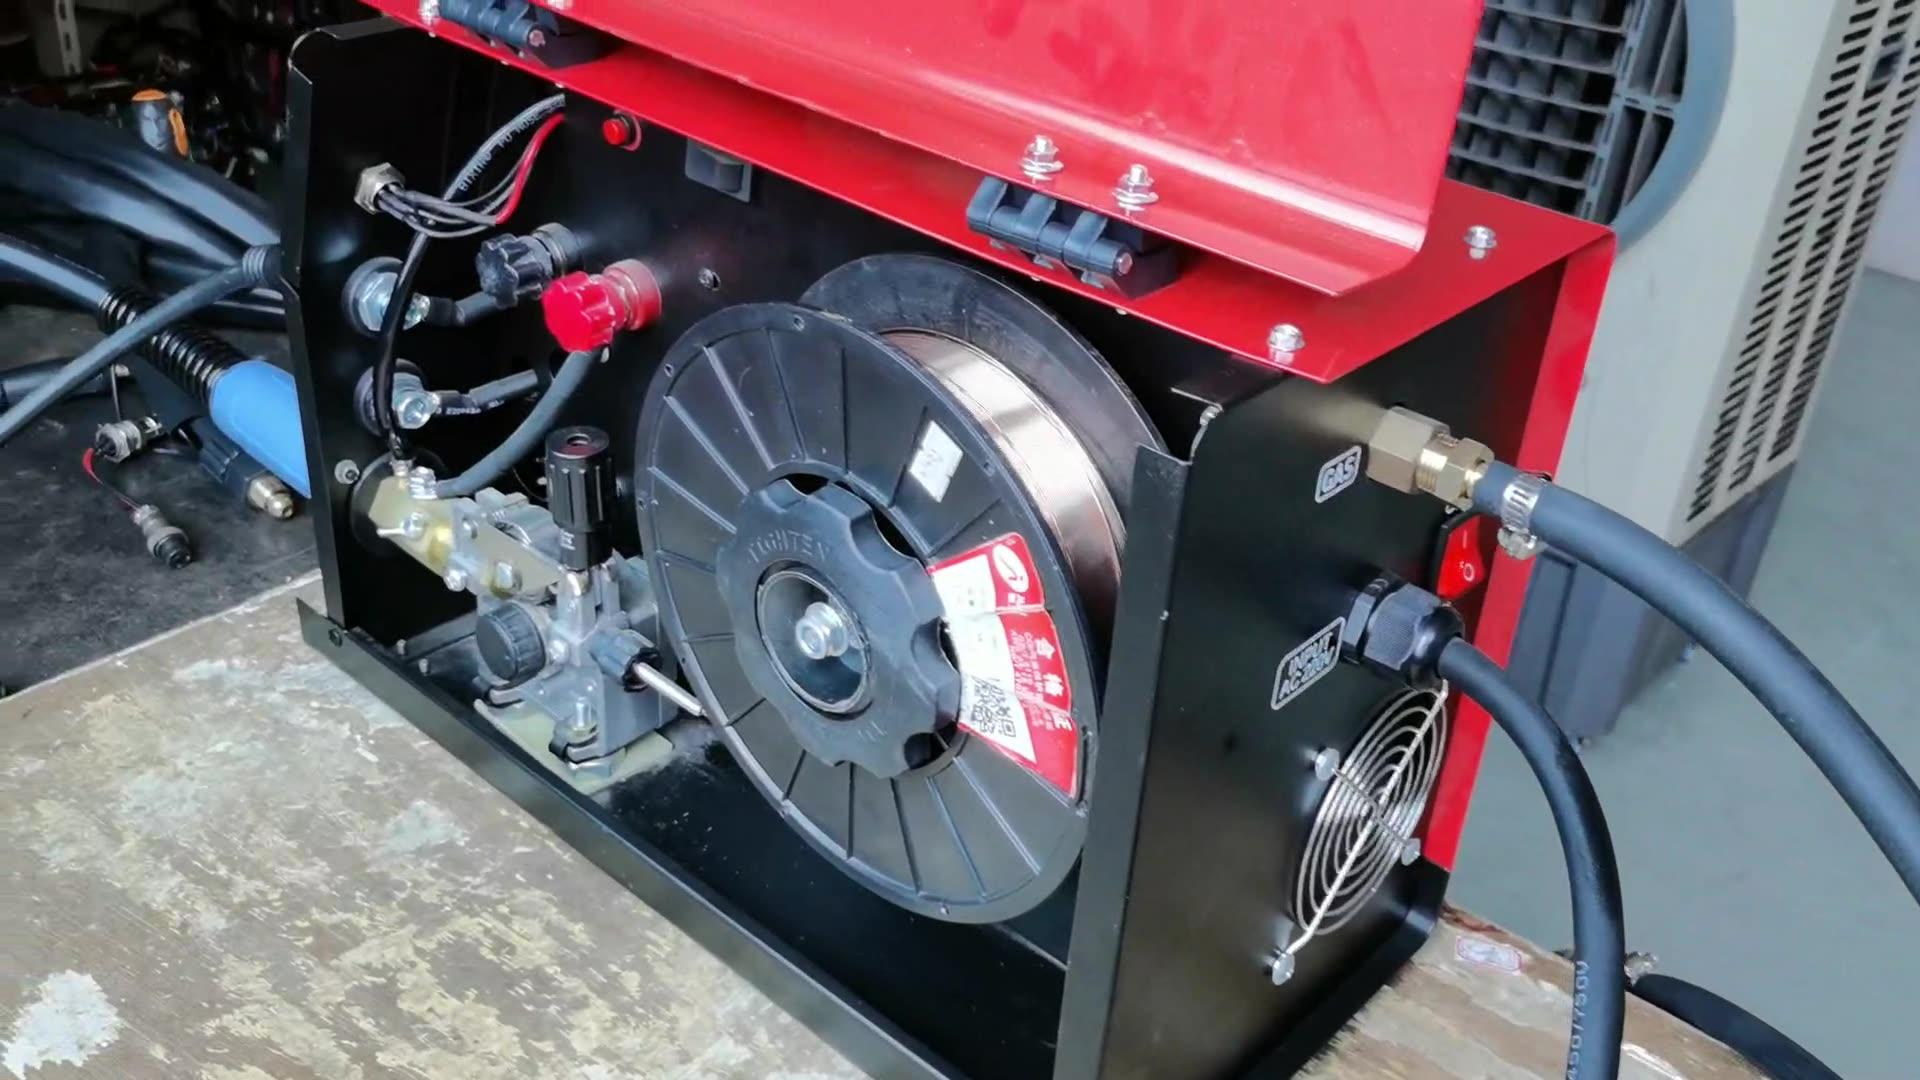 lotos mig175 welder  maquina de soldar tig mma y mig a 110 y 220v with flux cored wire feeder mig spool gun